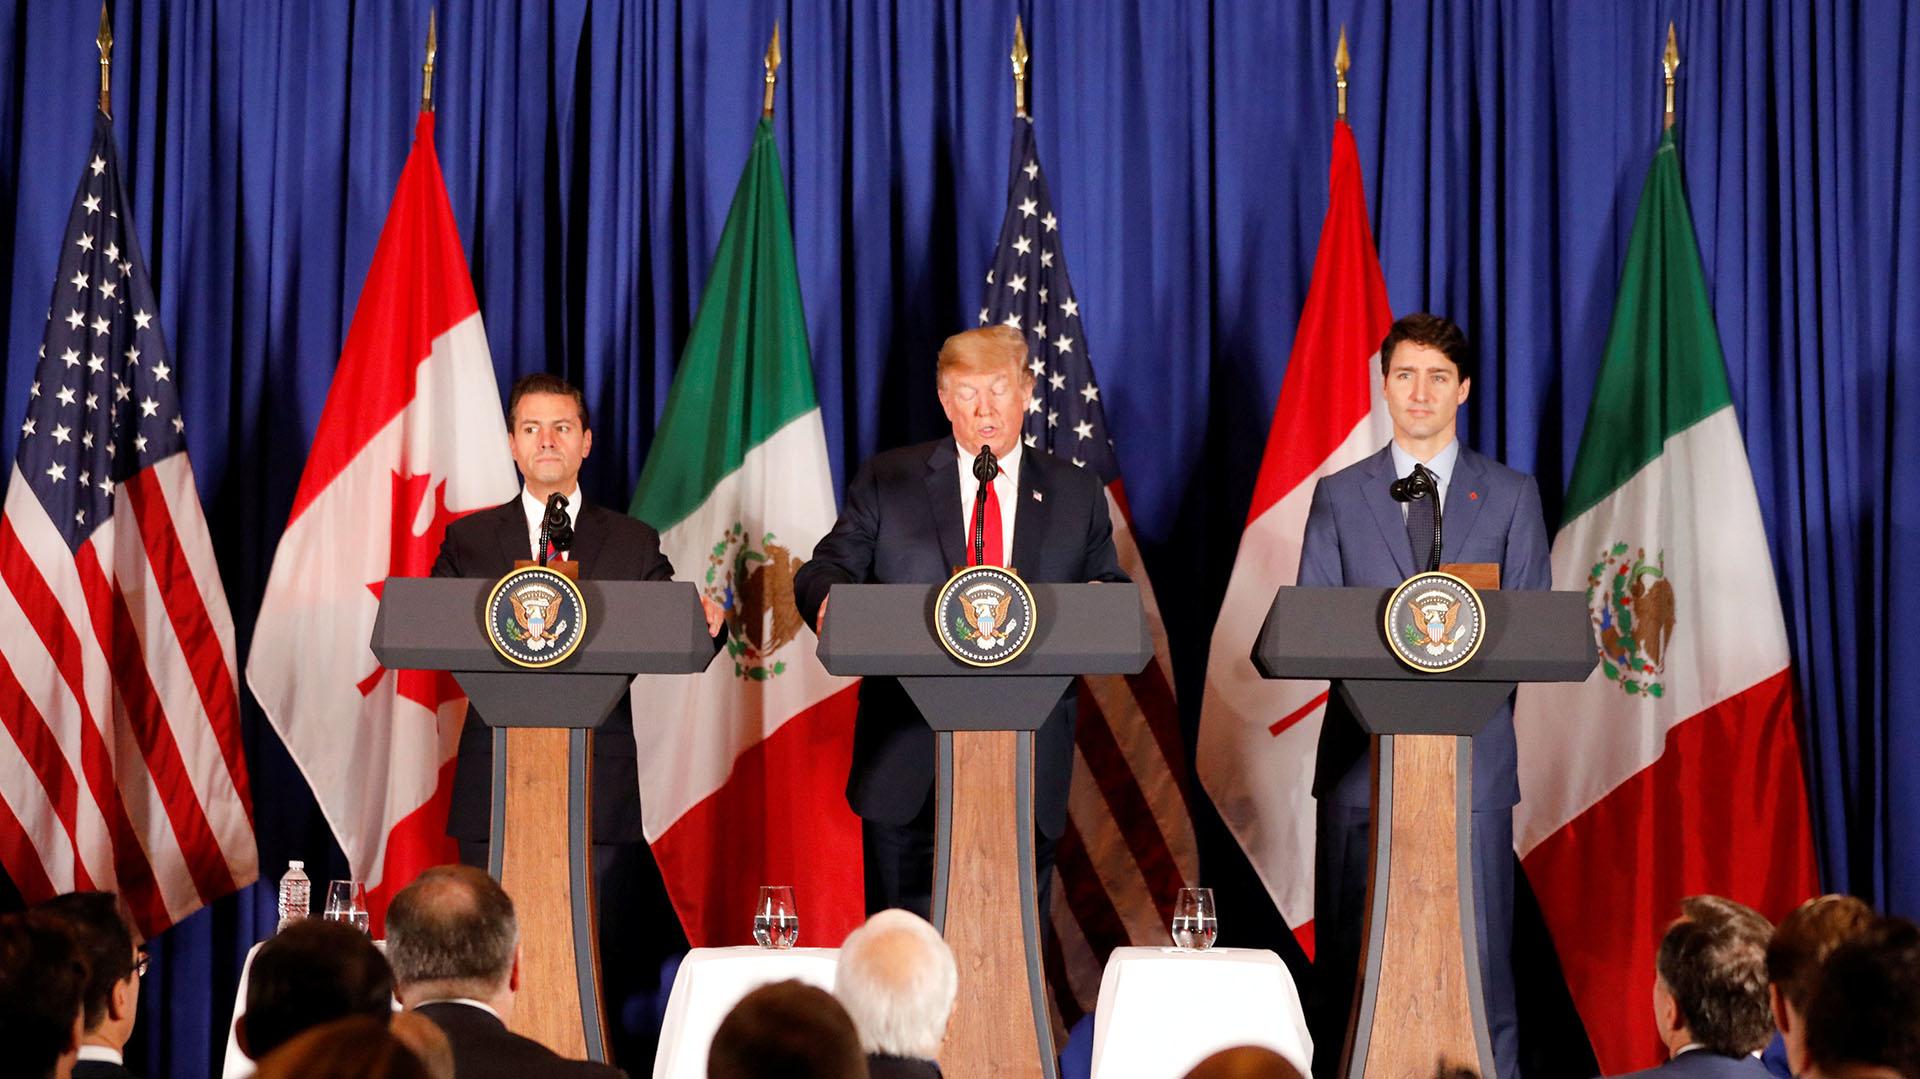 Los presidentes norteamericanos firmaron un nuevo tratado de libre comercio